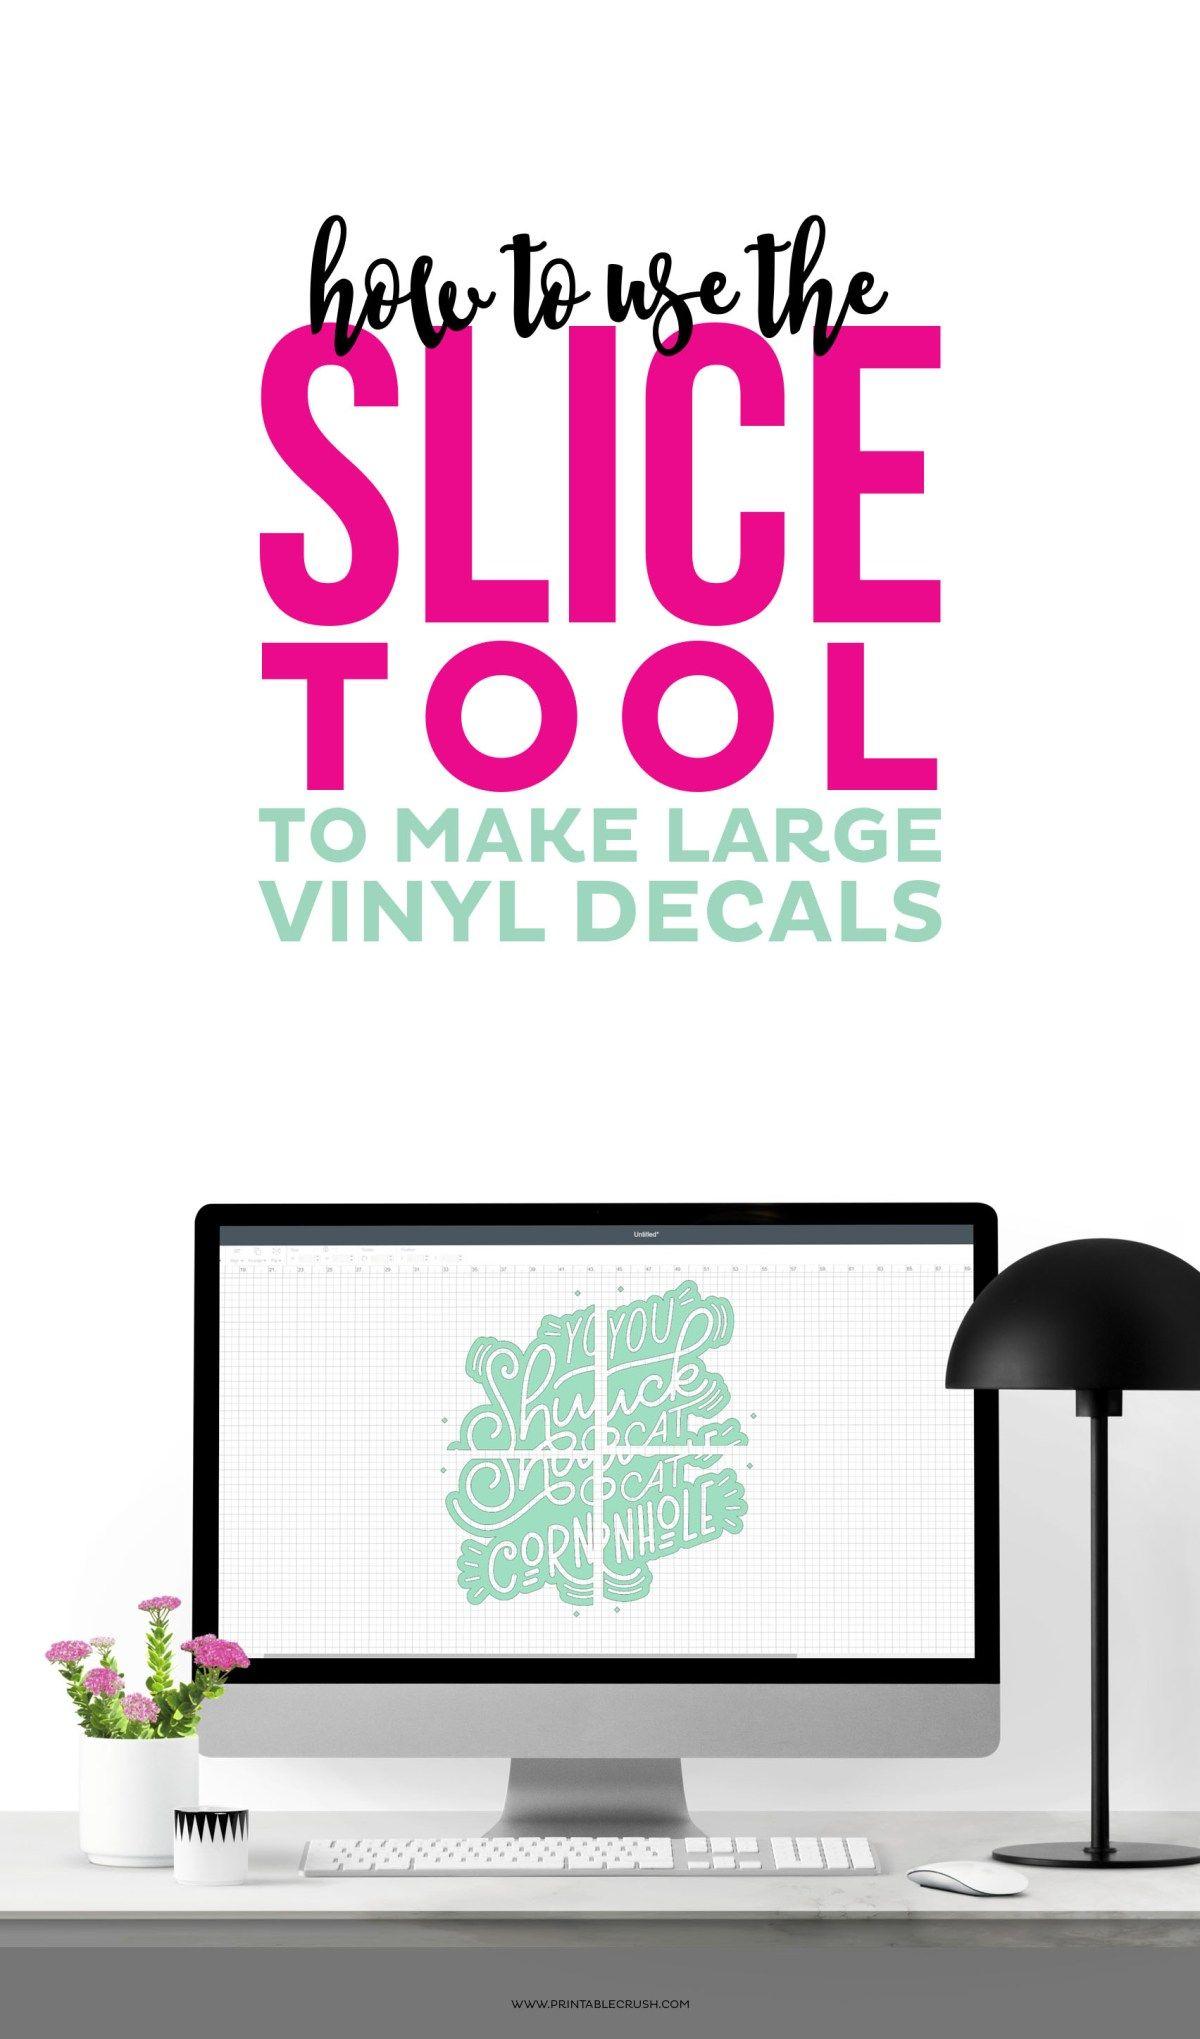 Vinyl Decals Create Large Decals In Cricut Design Space Cricut Design Cricut Tutorials Cricut Vinyl